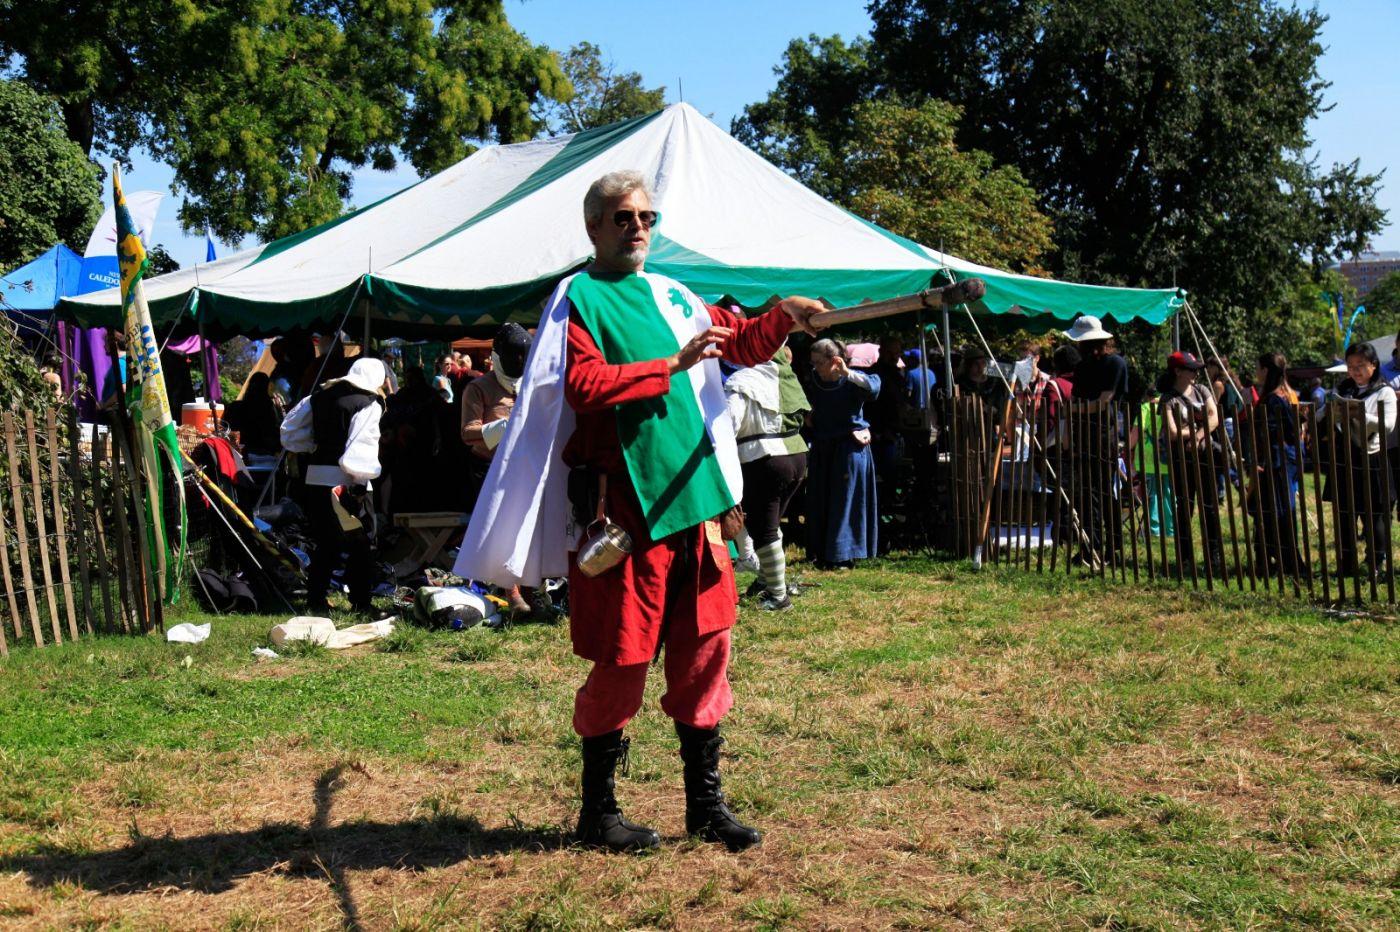 一年一度的崔恩堡公园中世纪节热闹非凡_图1-28